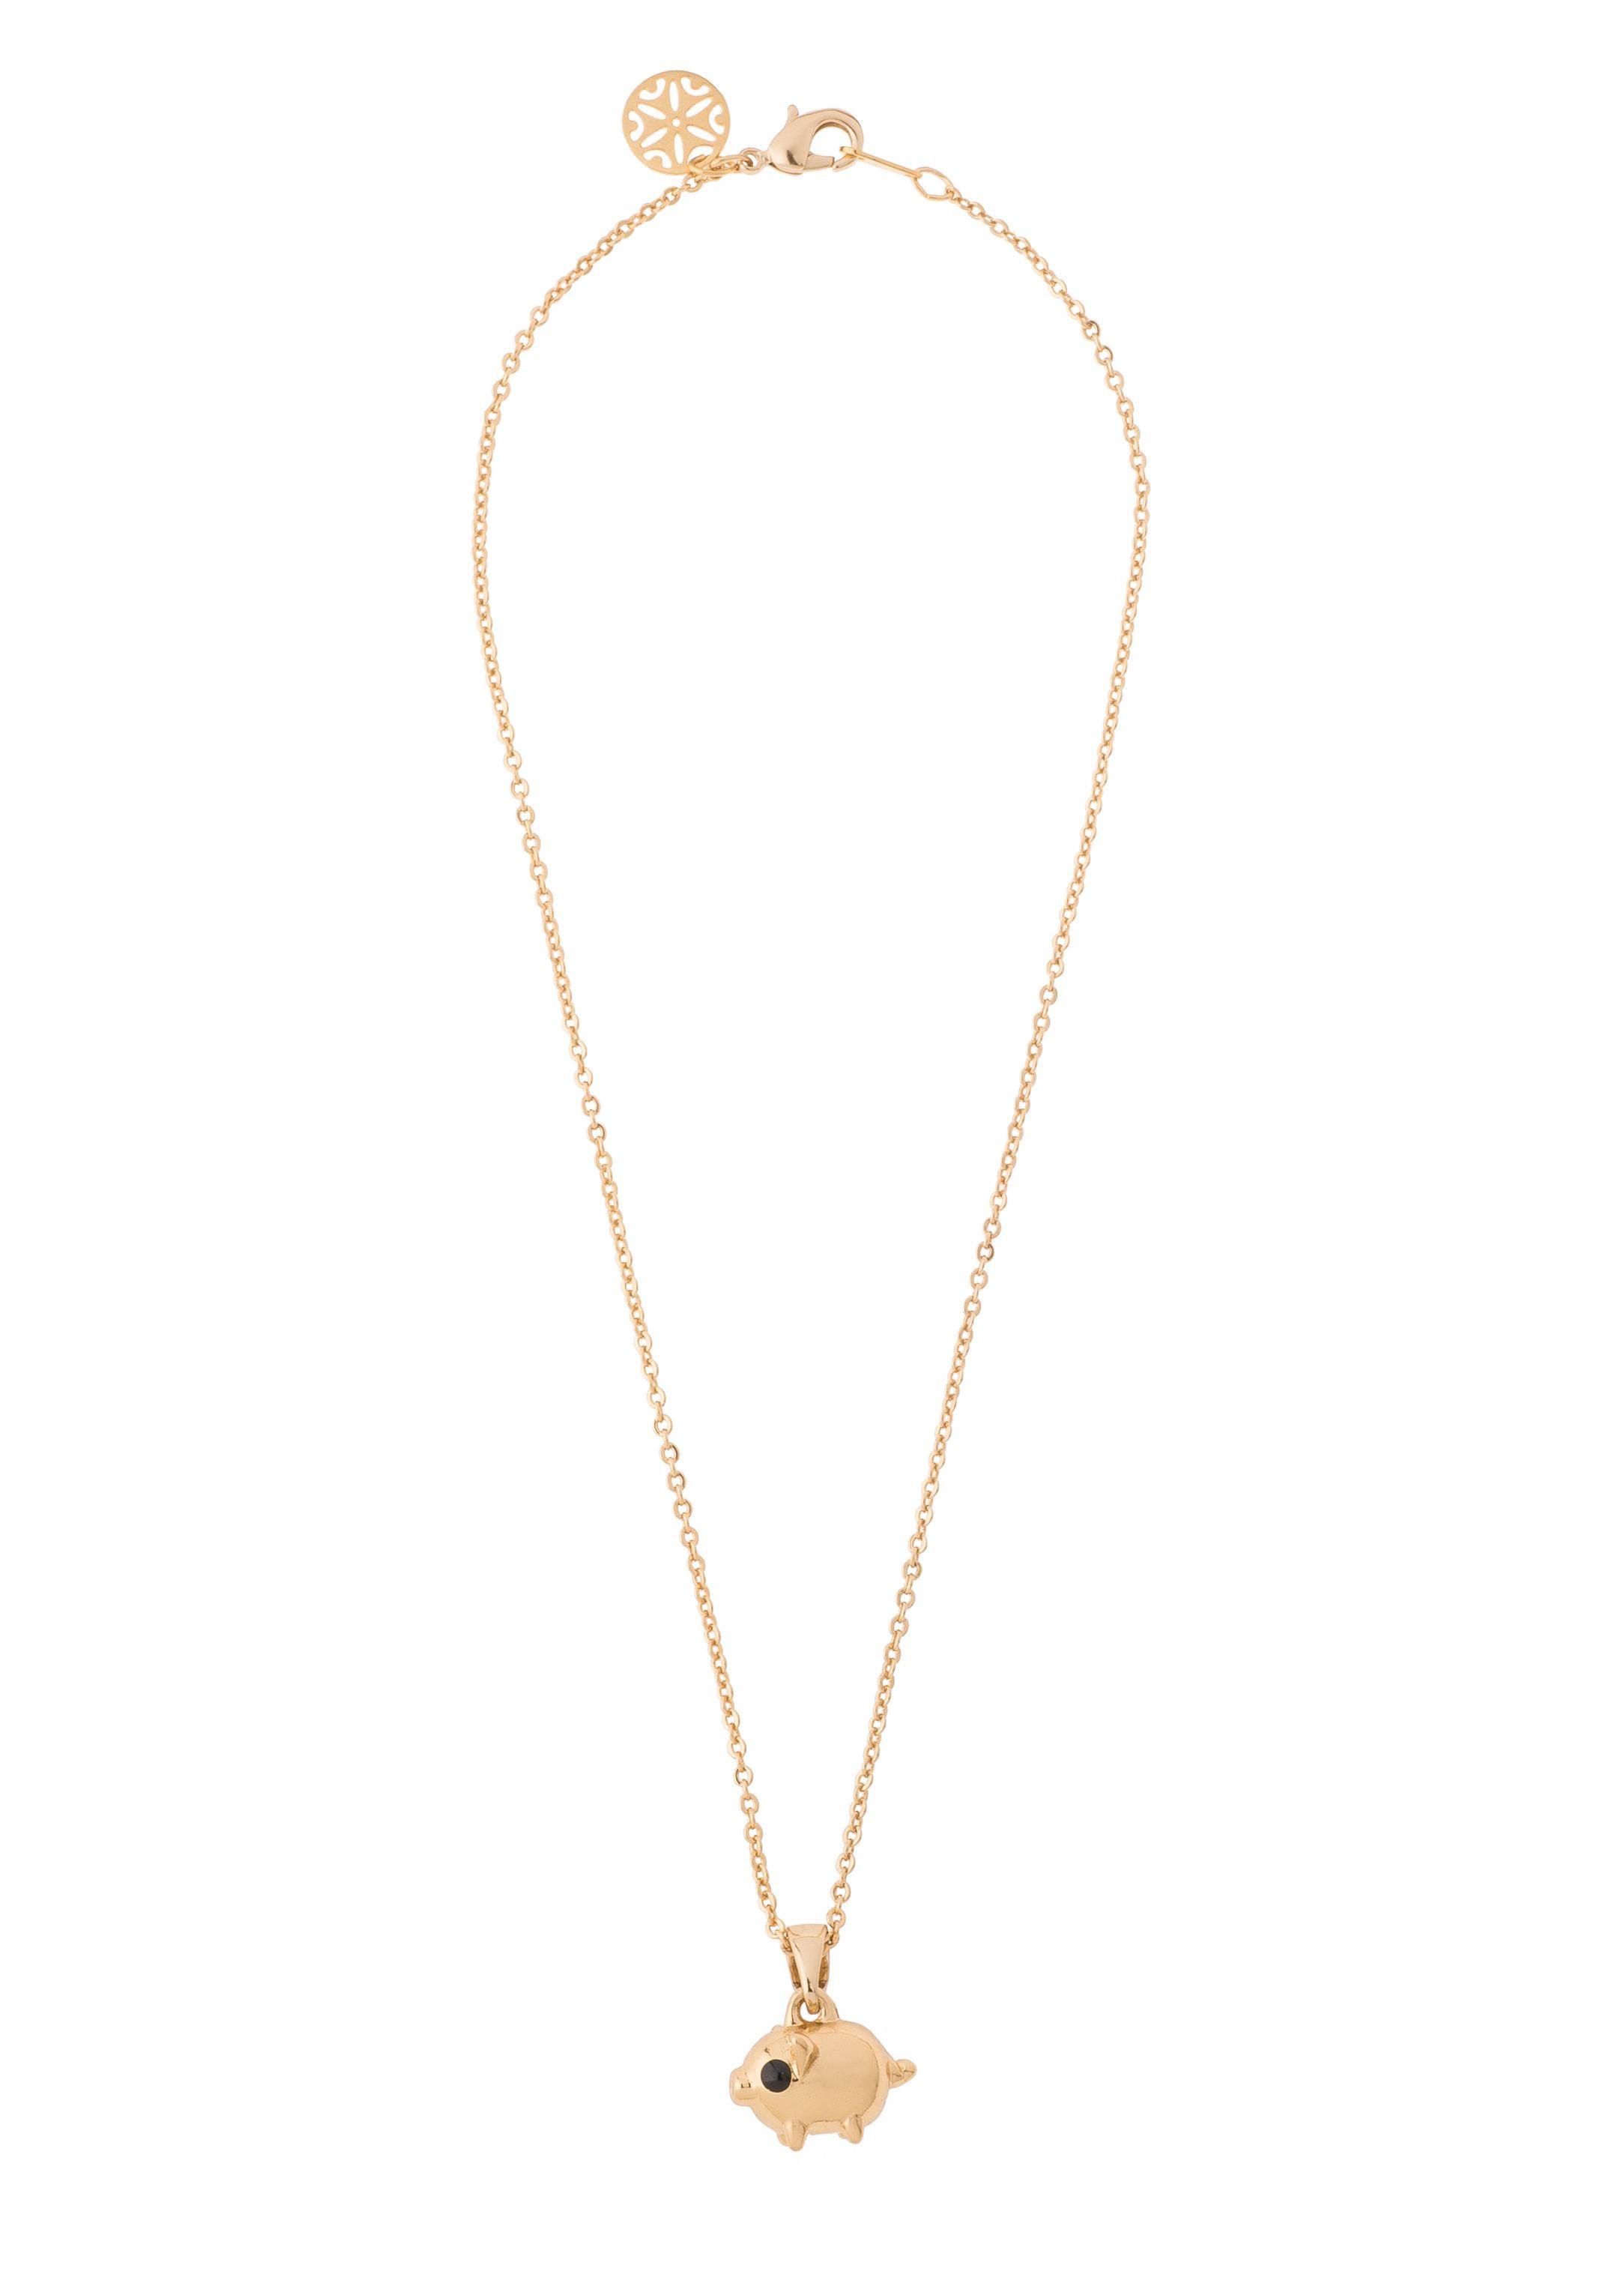 dd16fd4dca3c Collar 118944 Dije y cadena de 38cm de largo